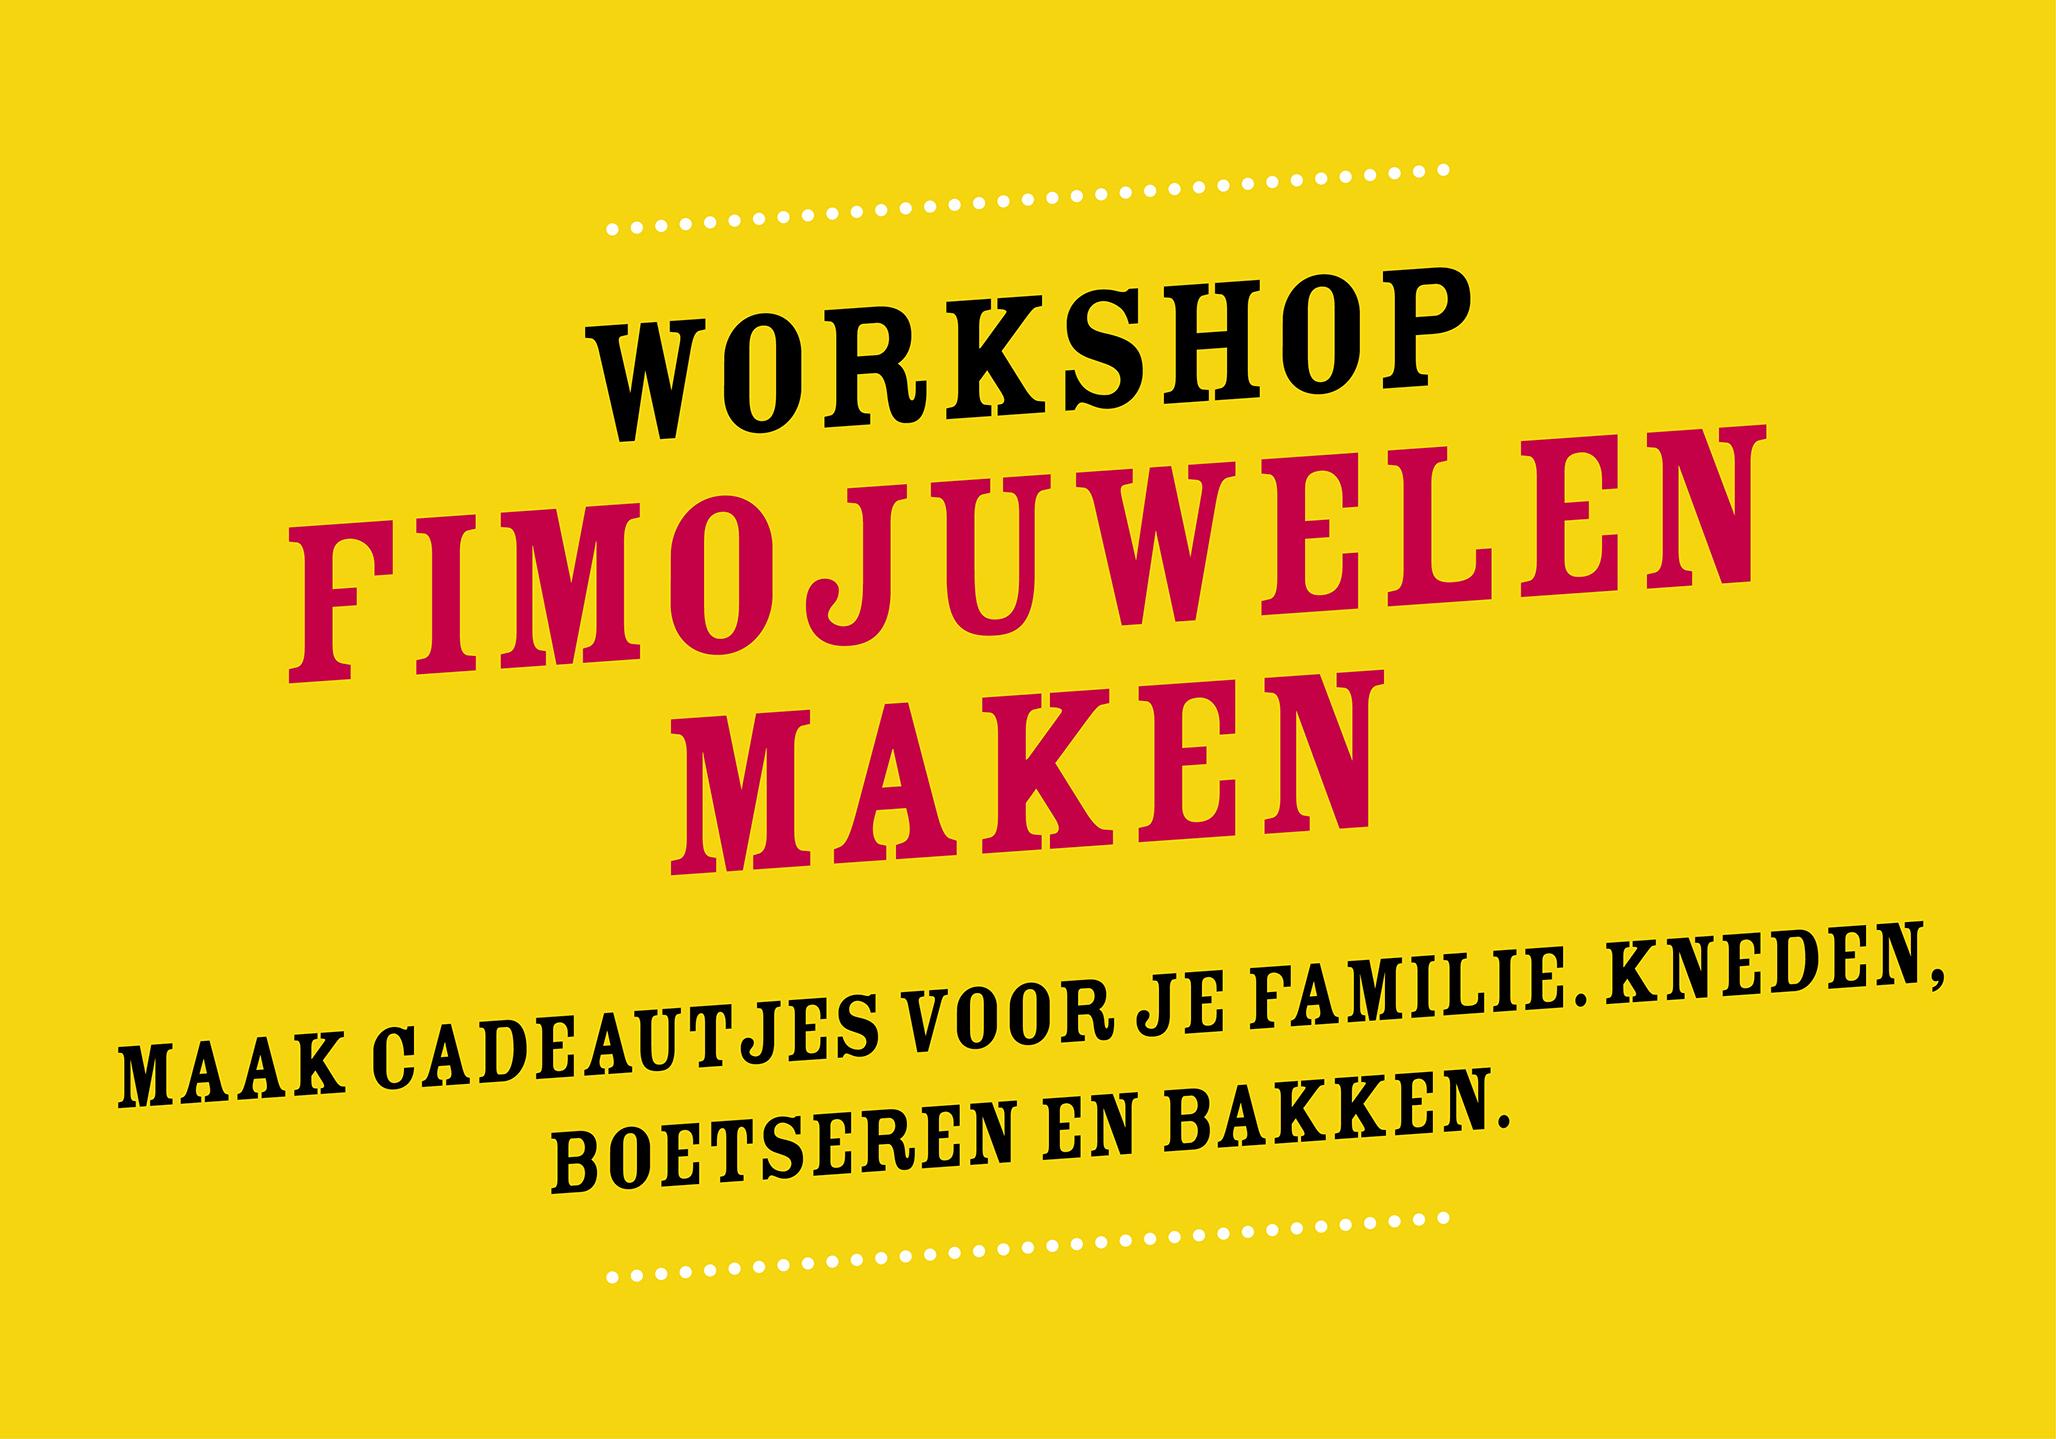 Look_Smile-workshop-fimojuwelen_maken